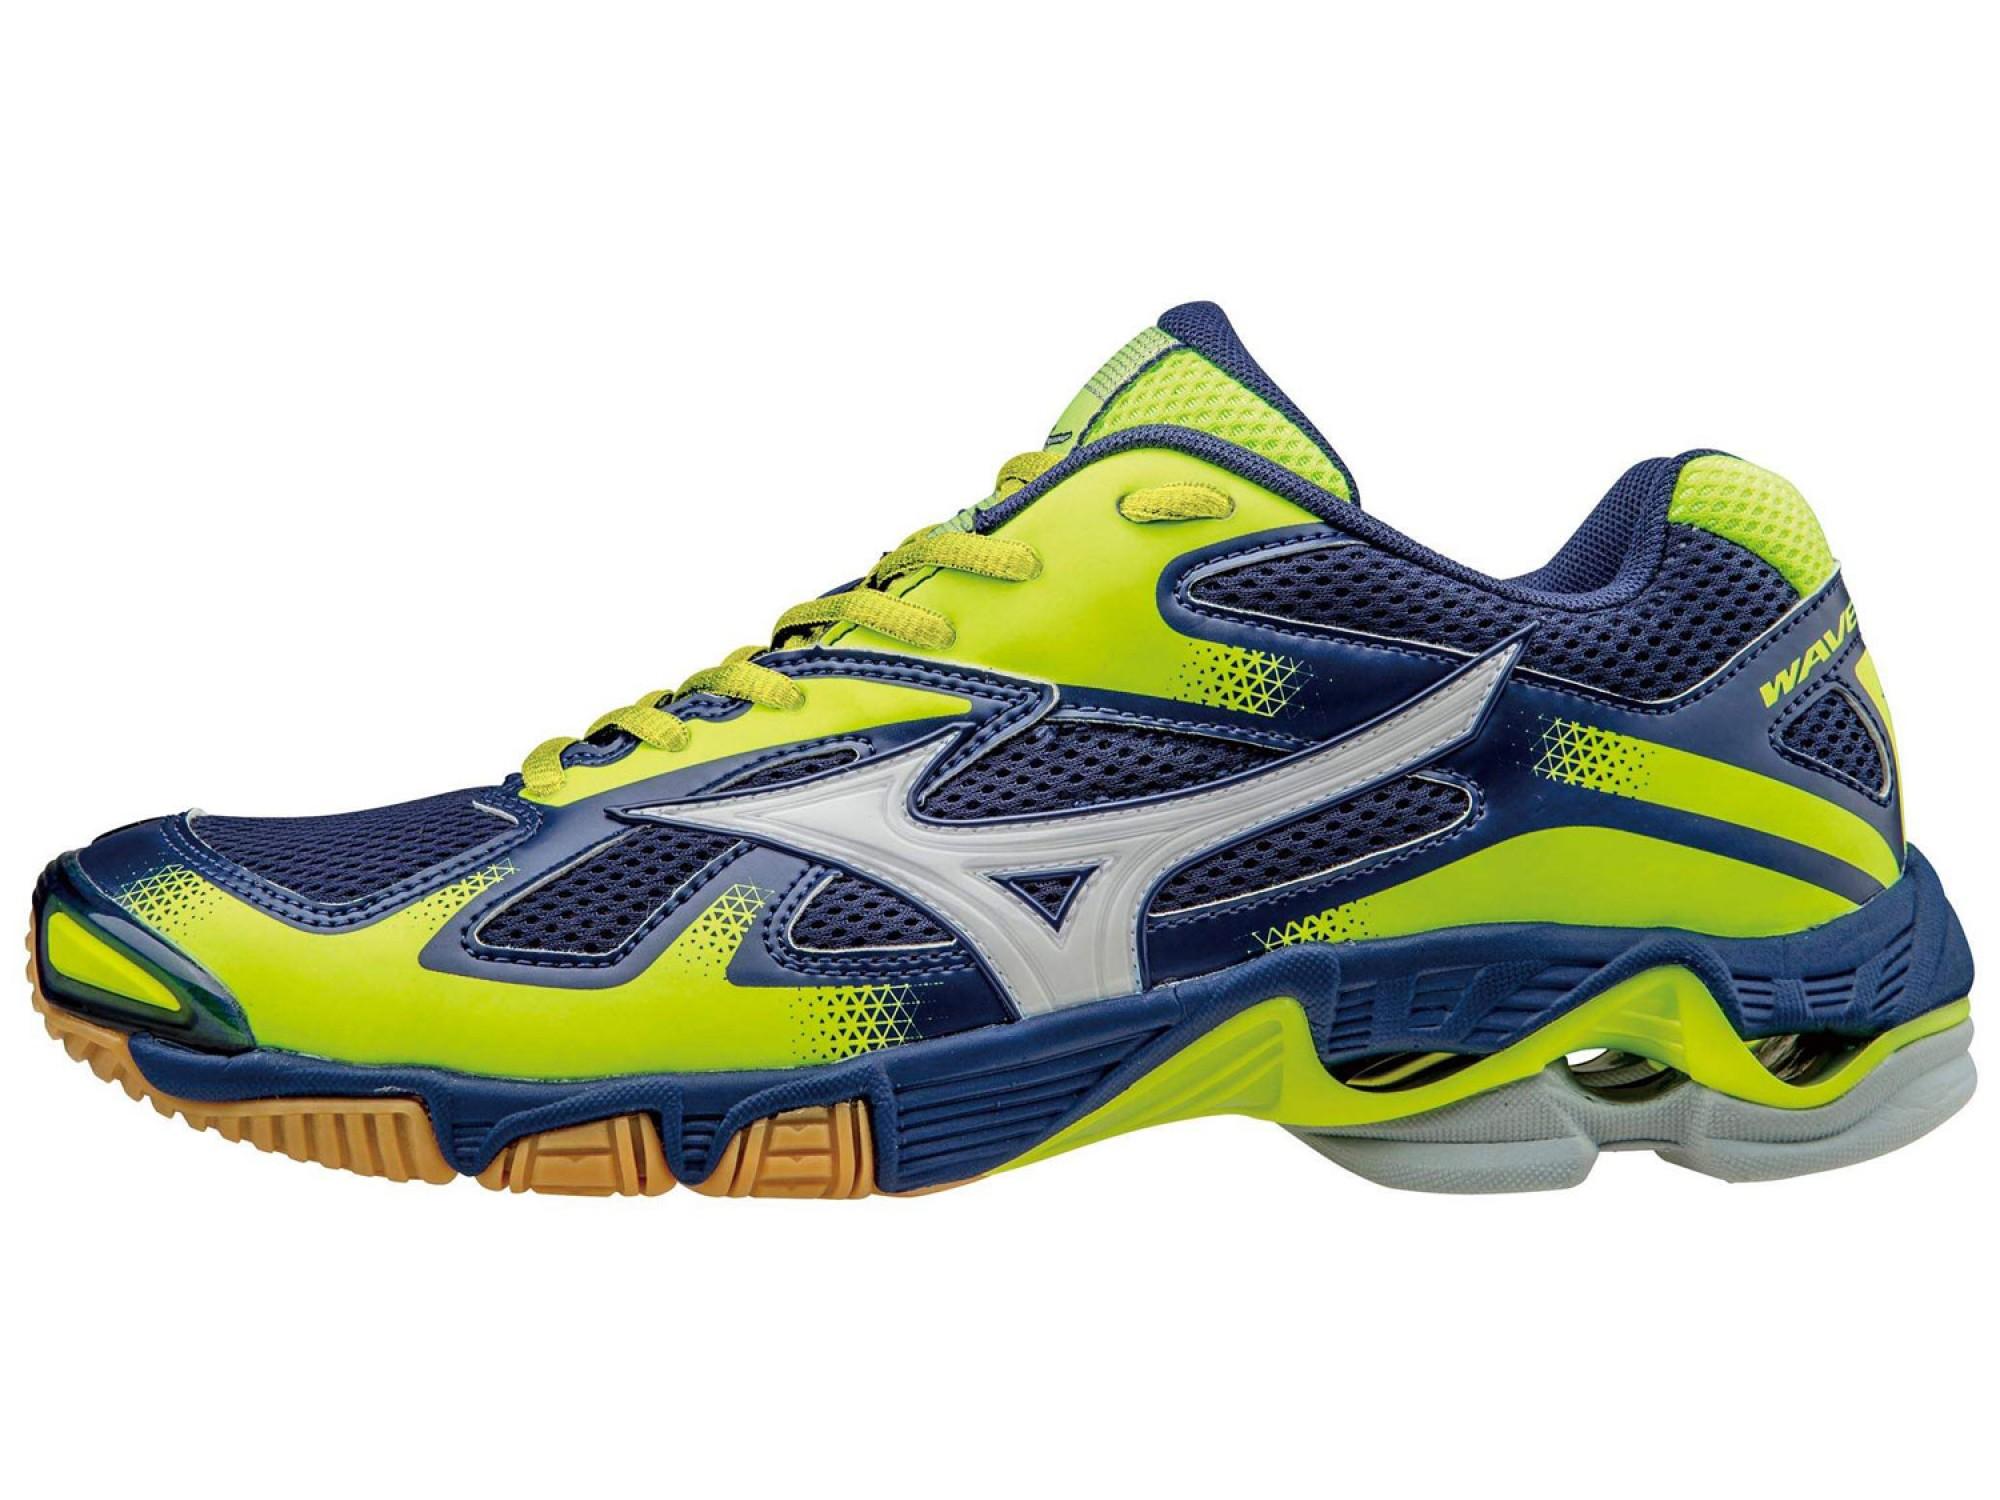 Mizuno Wave Bolt 5 Волейбольные кроссовки V1GA1660-02 купить в ... d18743ee3e2